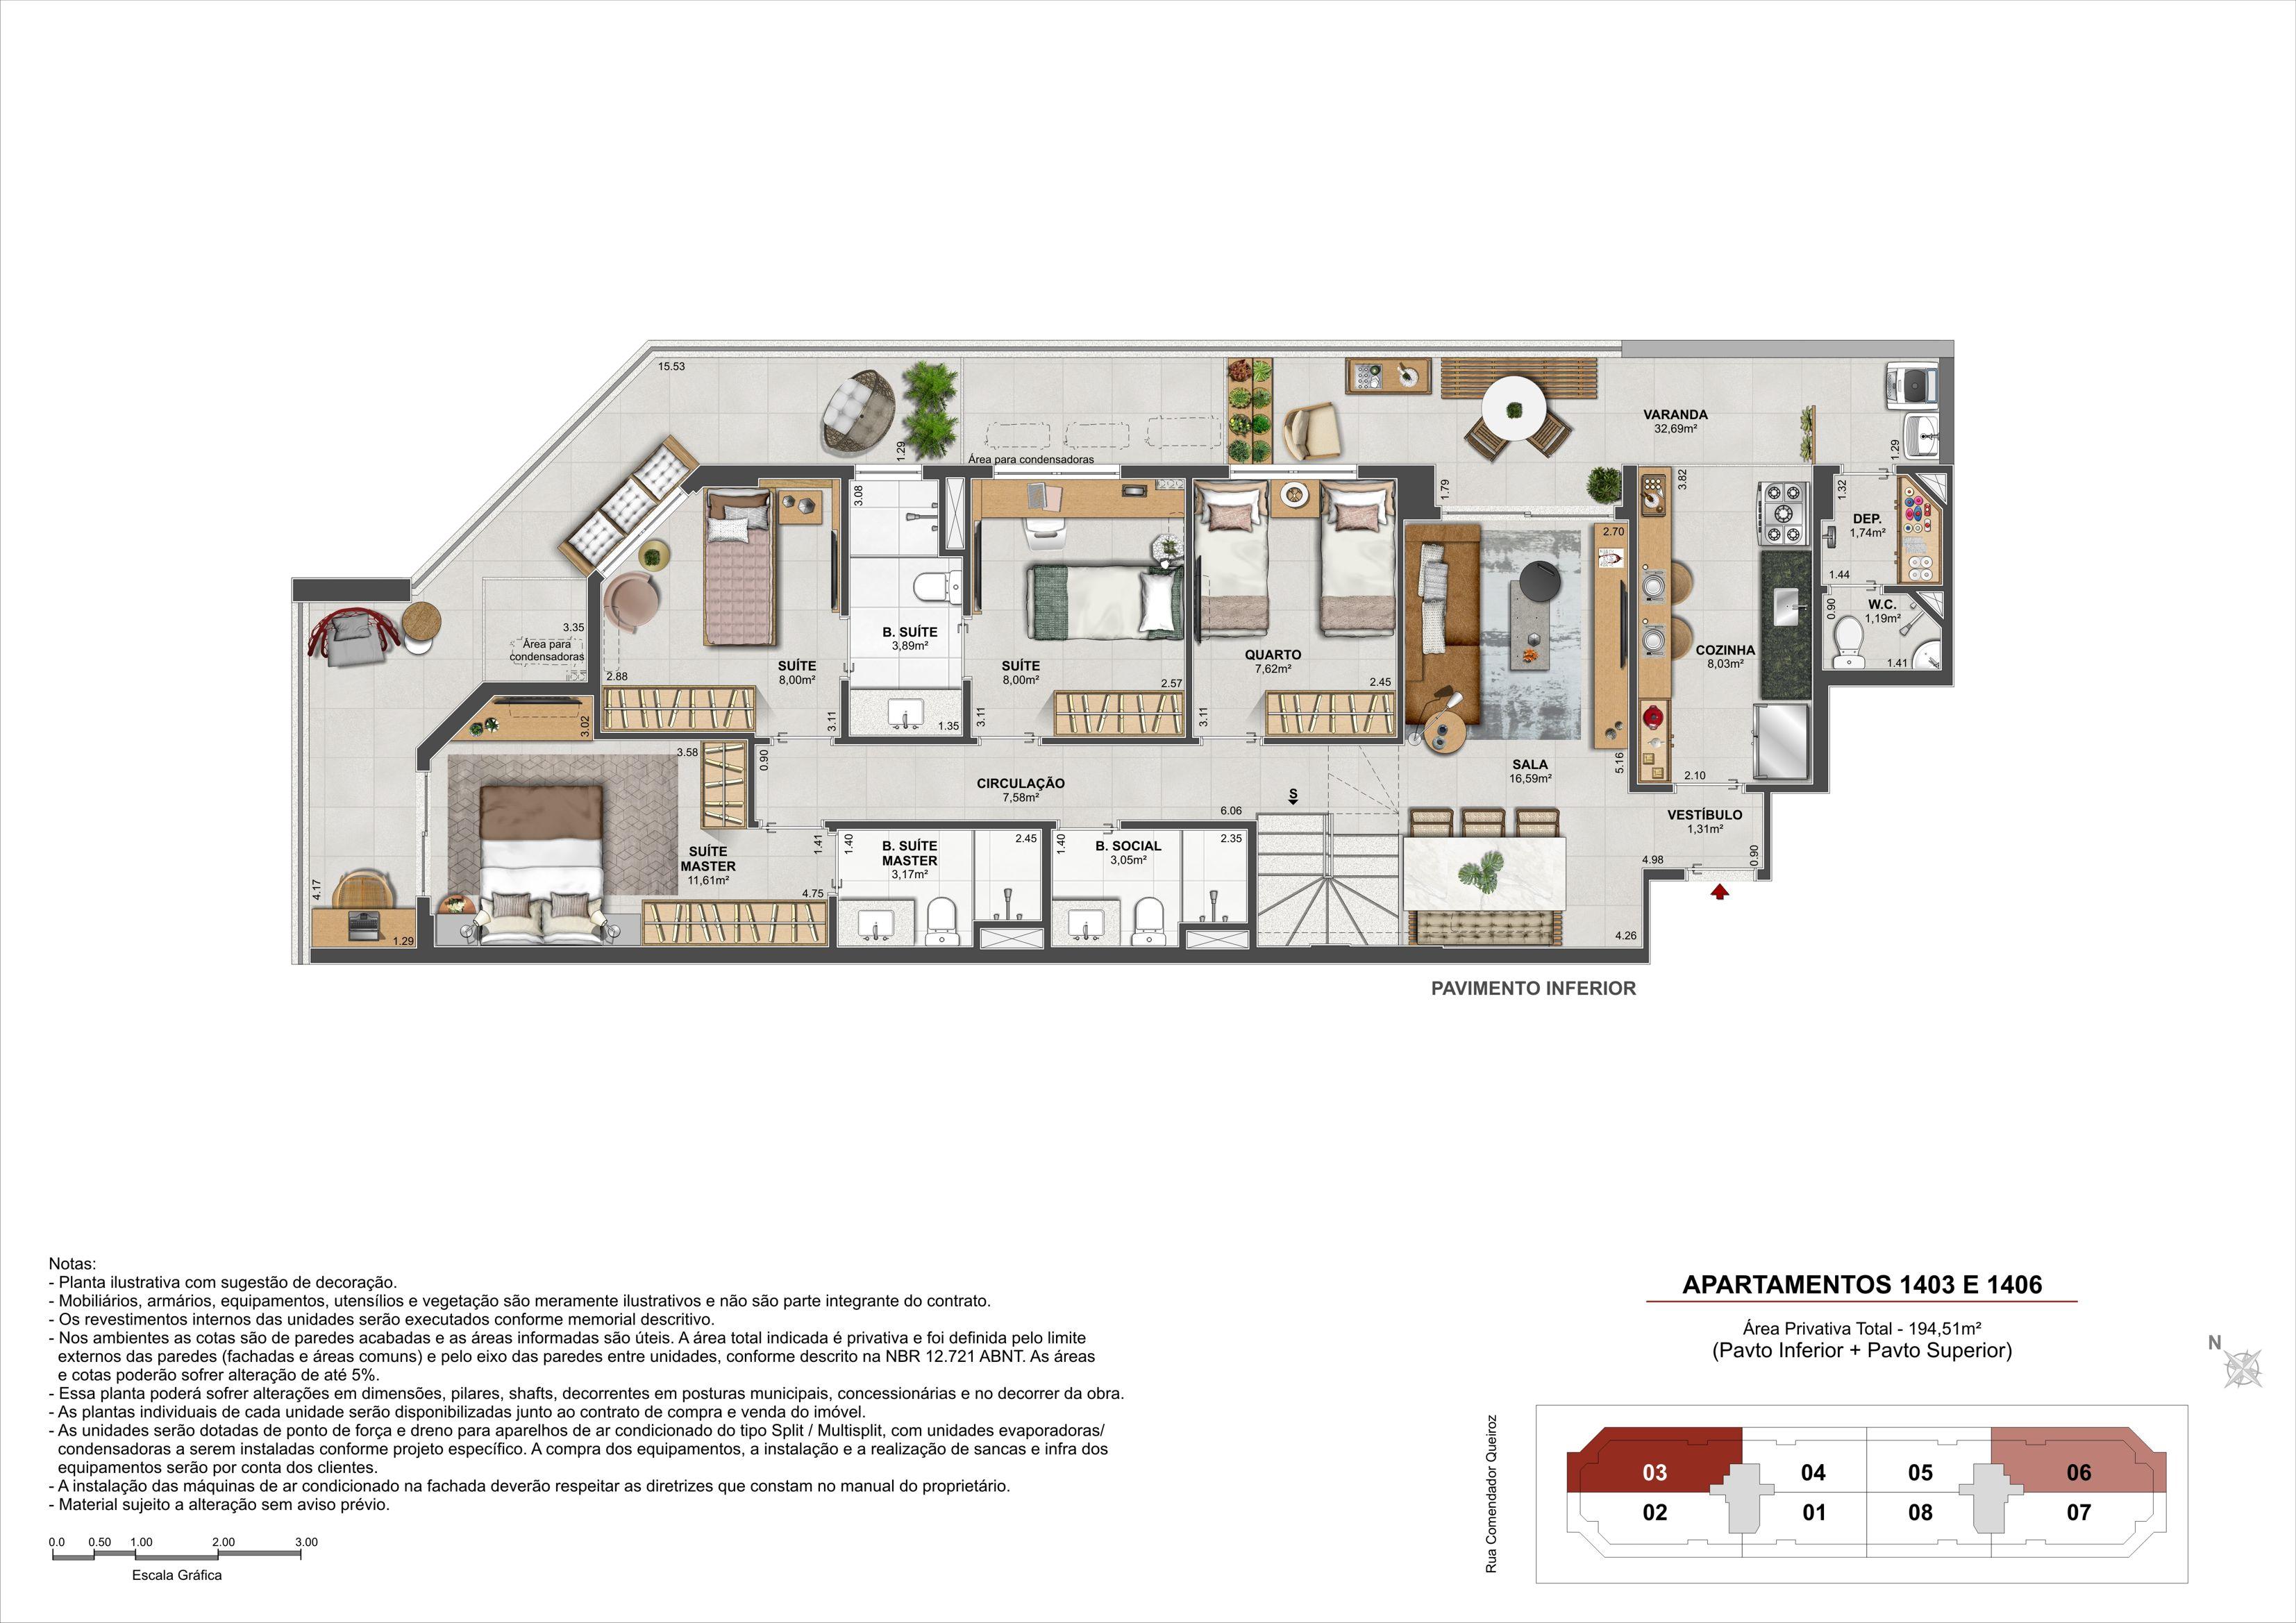 Cobertura Duplex (Pavimento Inferior) - Área Privativa: 194,51m²